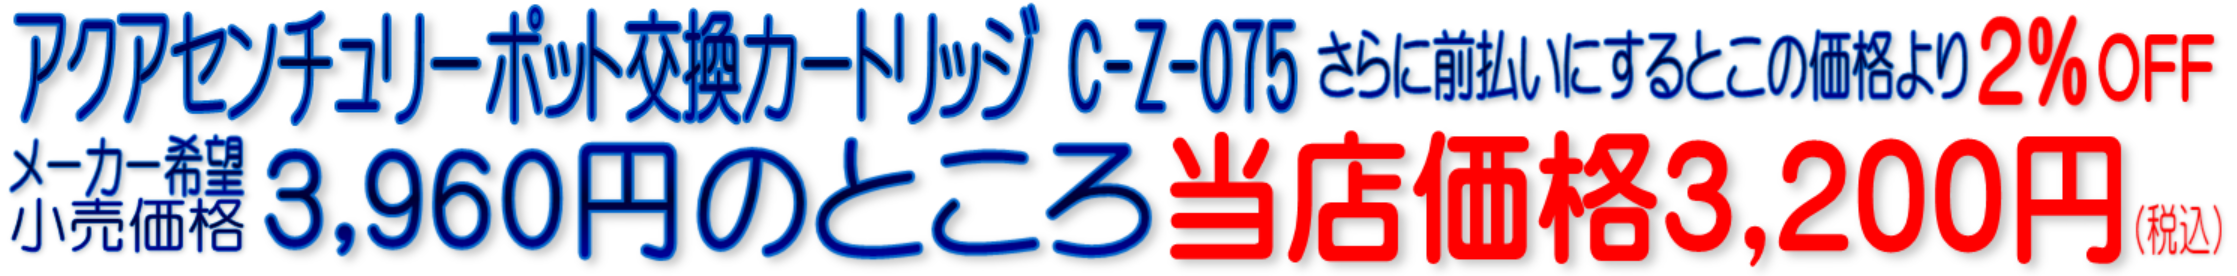 C-Z-075